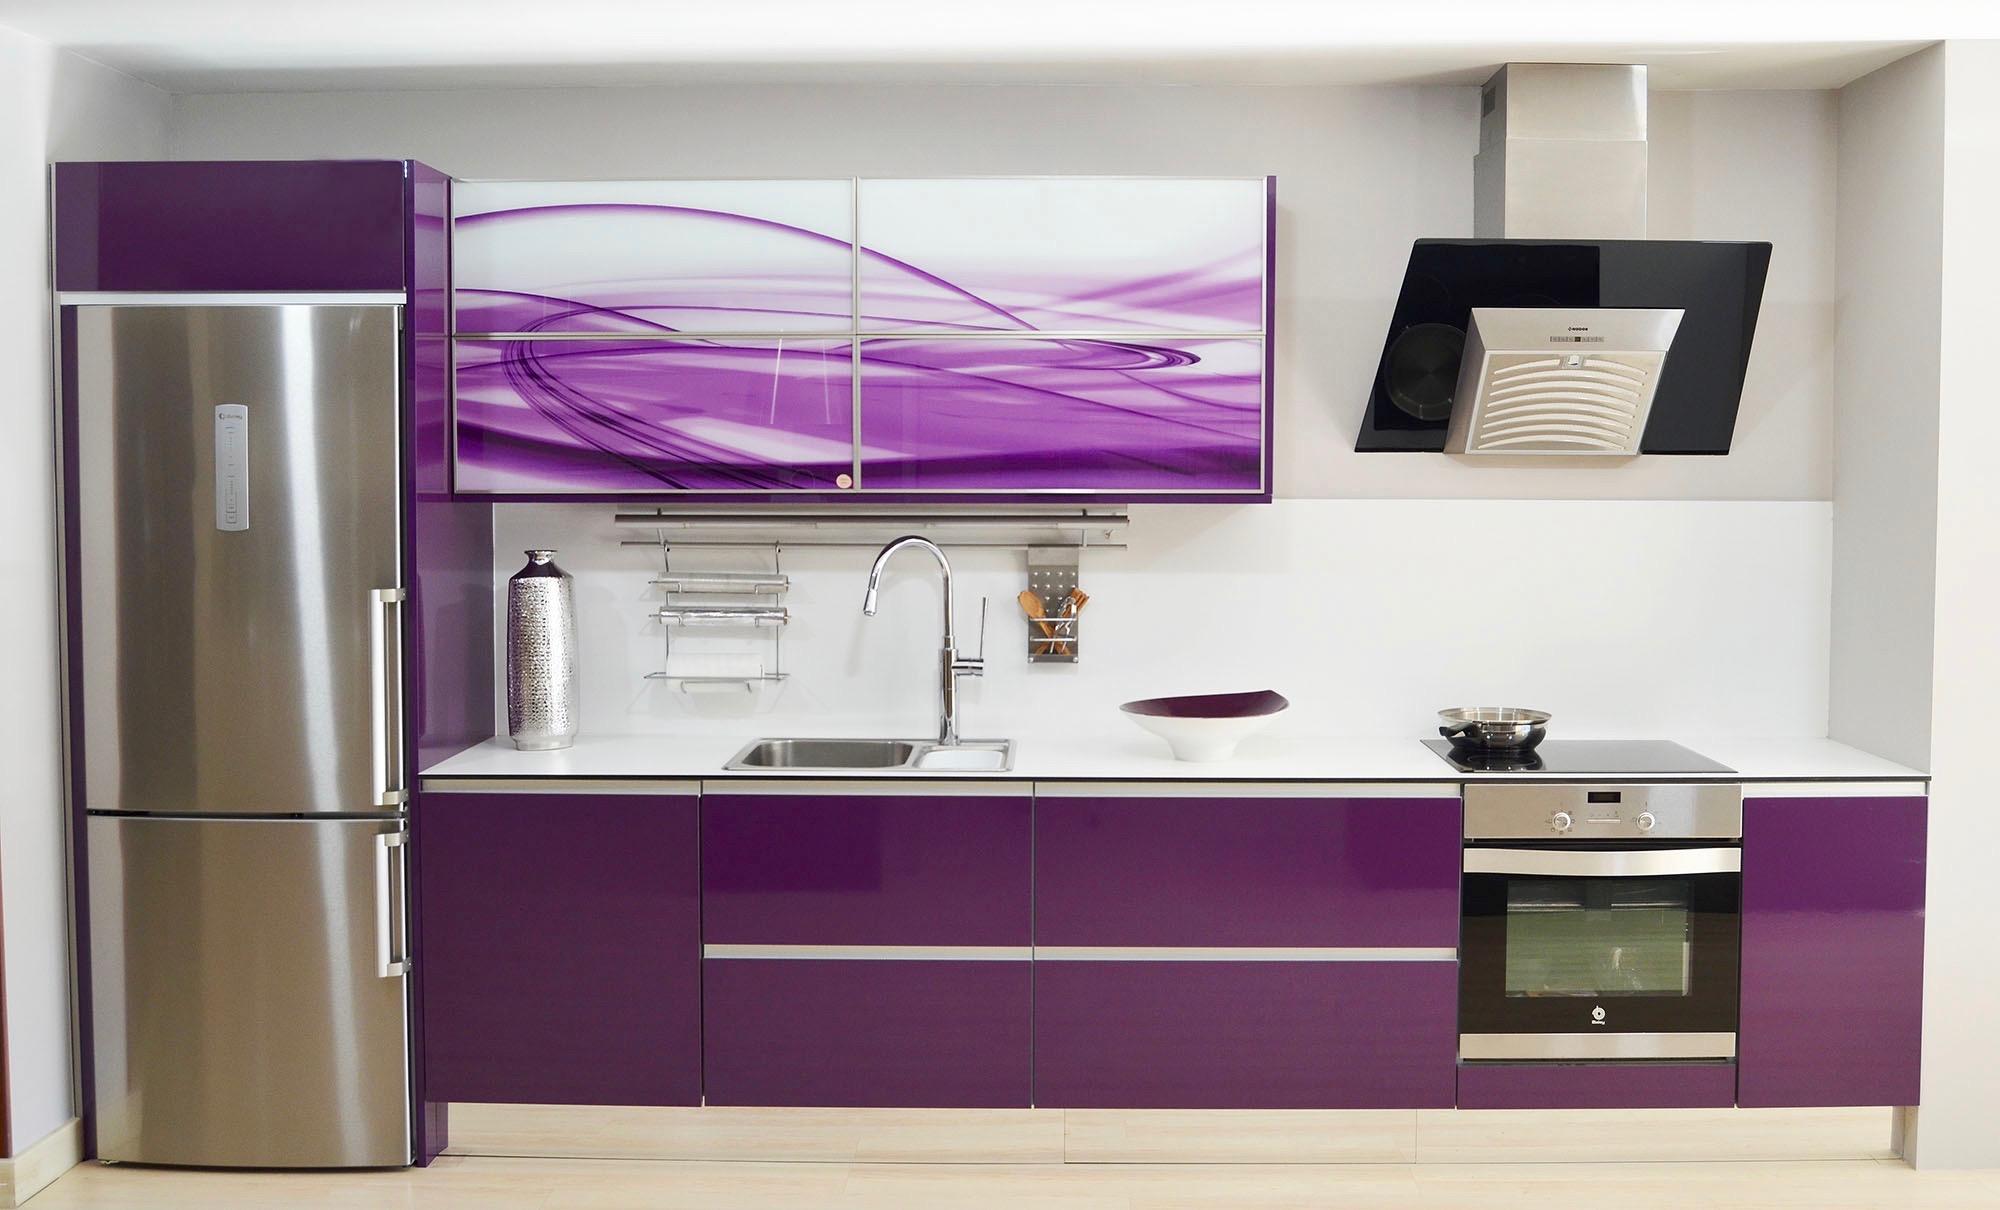 Nuestras cocinas elegantes00 josman hermanos tienda de for Muebles para bano modernos y economicos